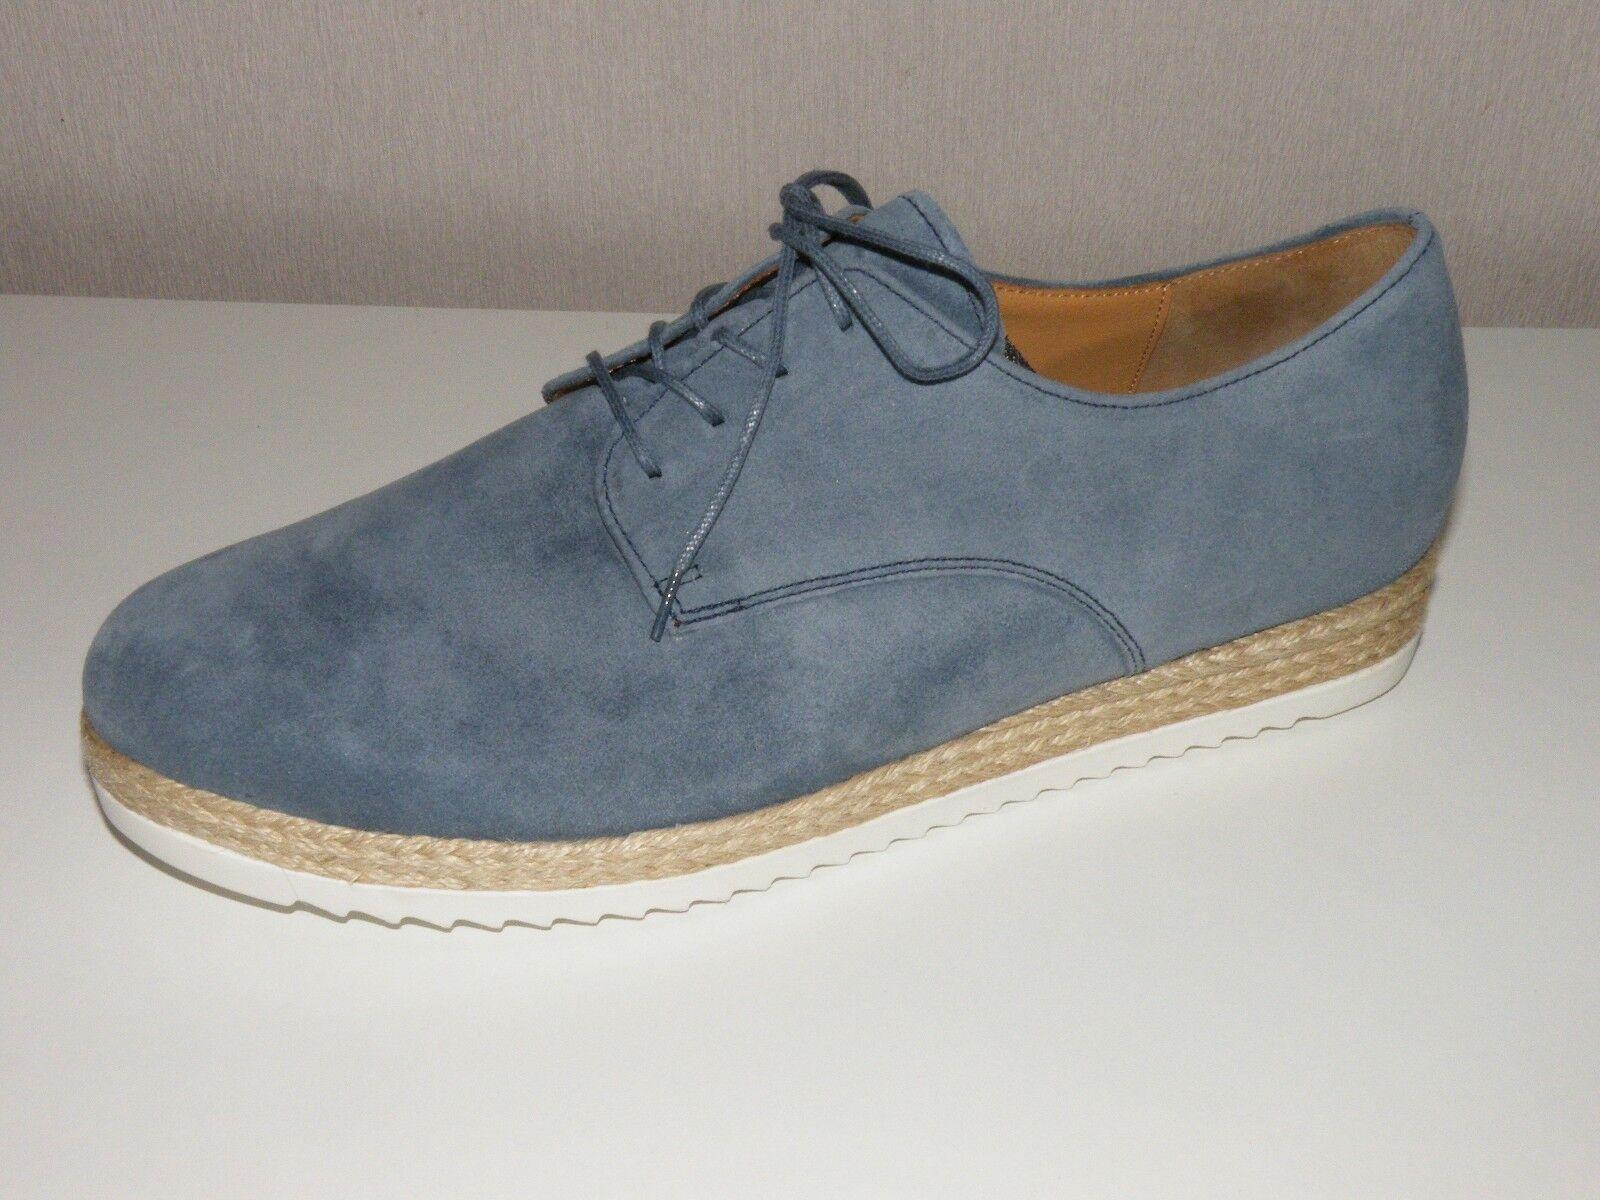 Gabor con cordones talla 6,5 40 azul Zapatos Zapatos Zapatos señora  Las ventas en línea ahorran un 70%.